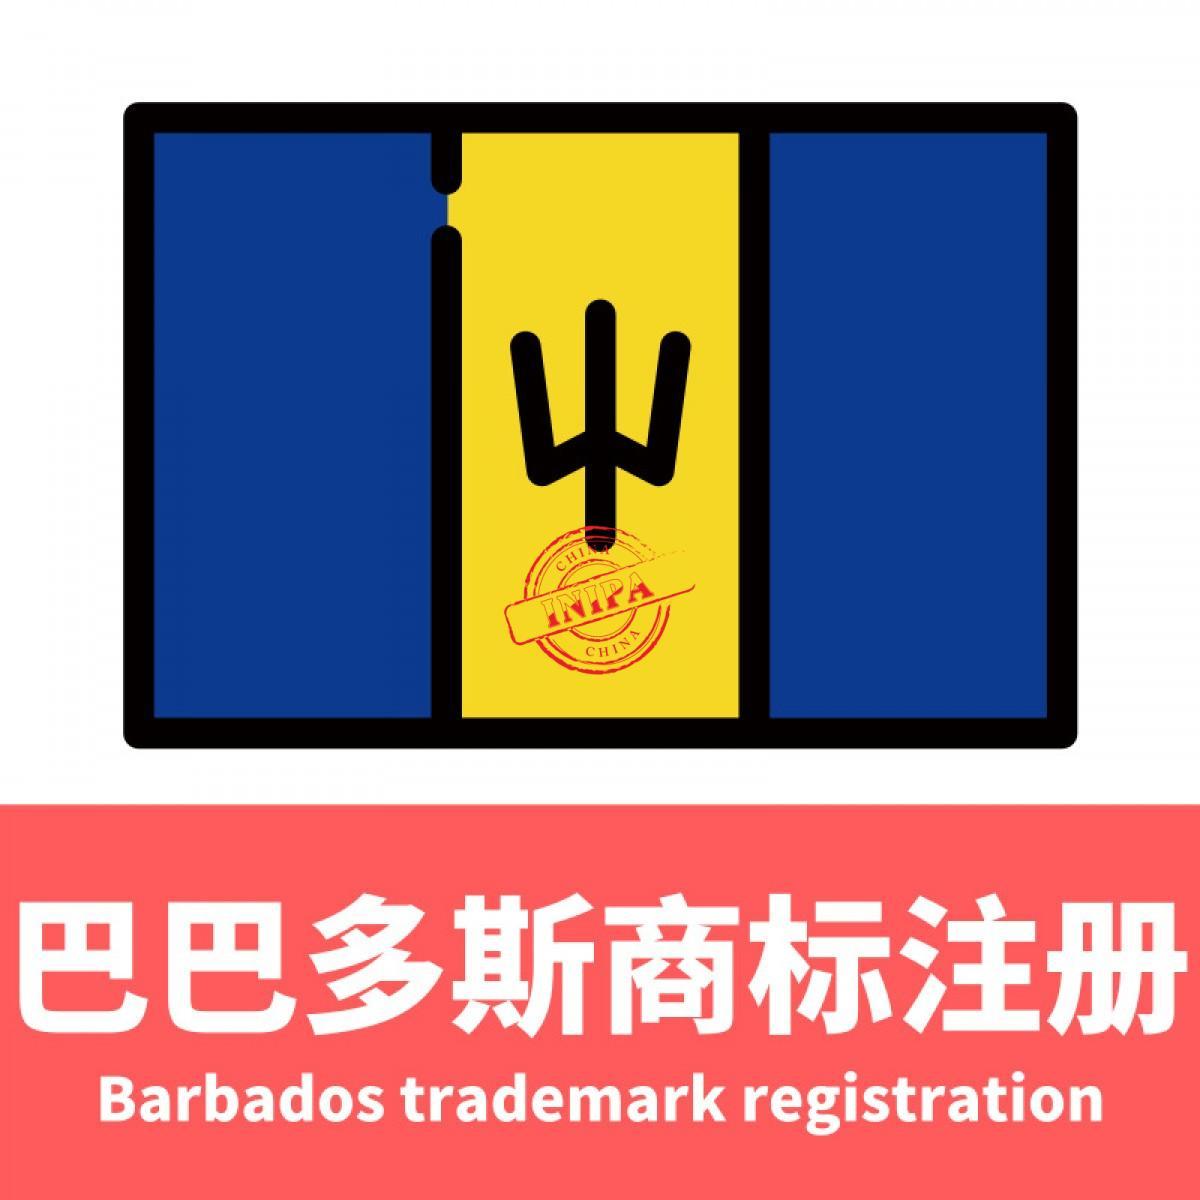 巴巴多斯商标注册/Barbados trademark registration